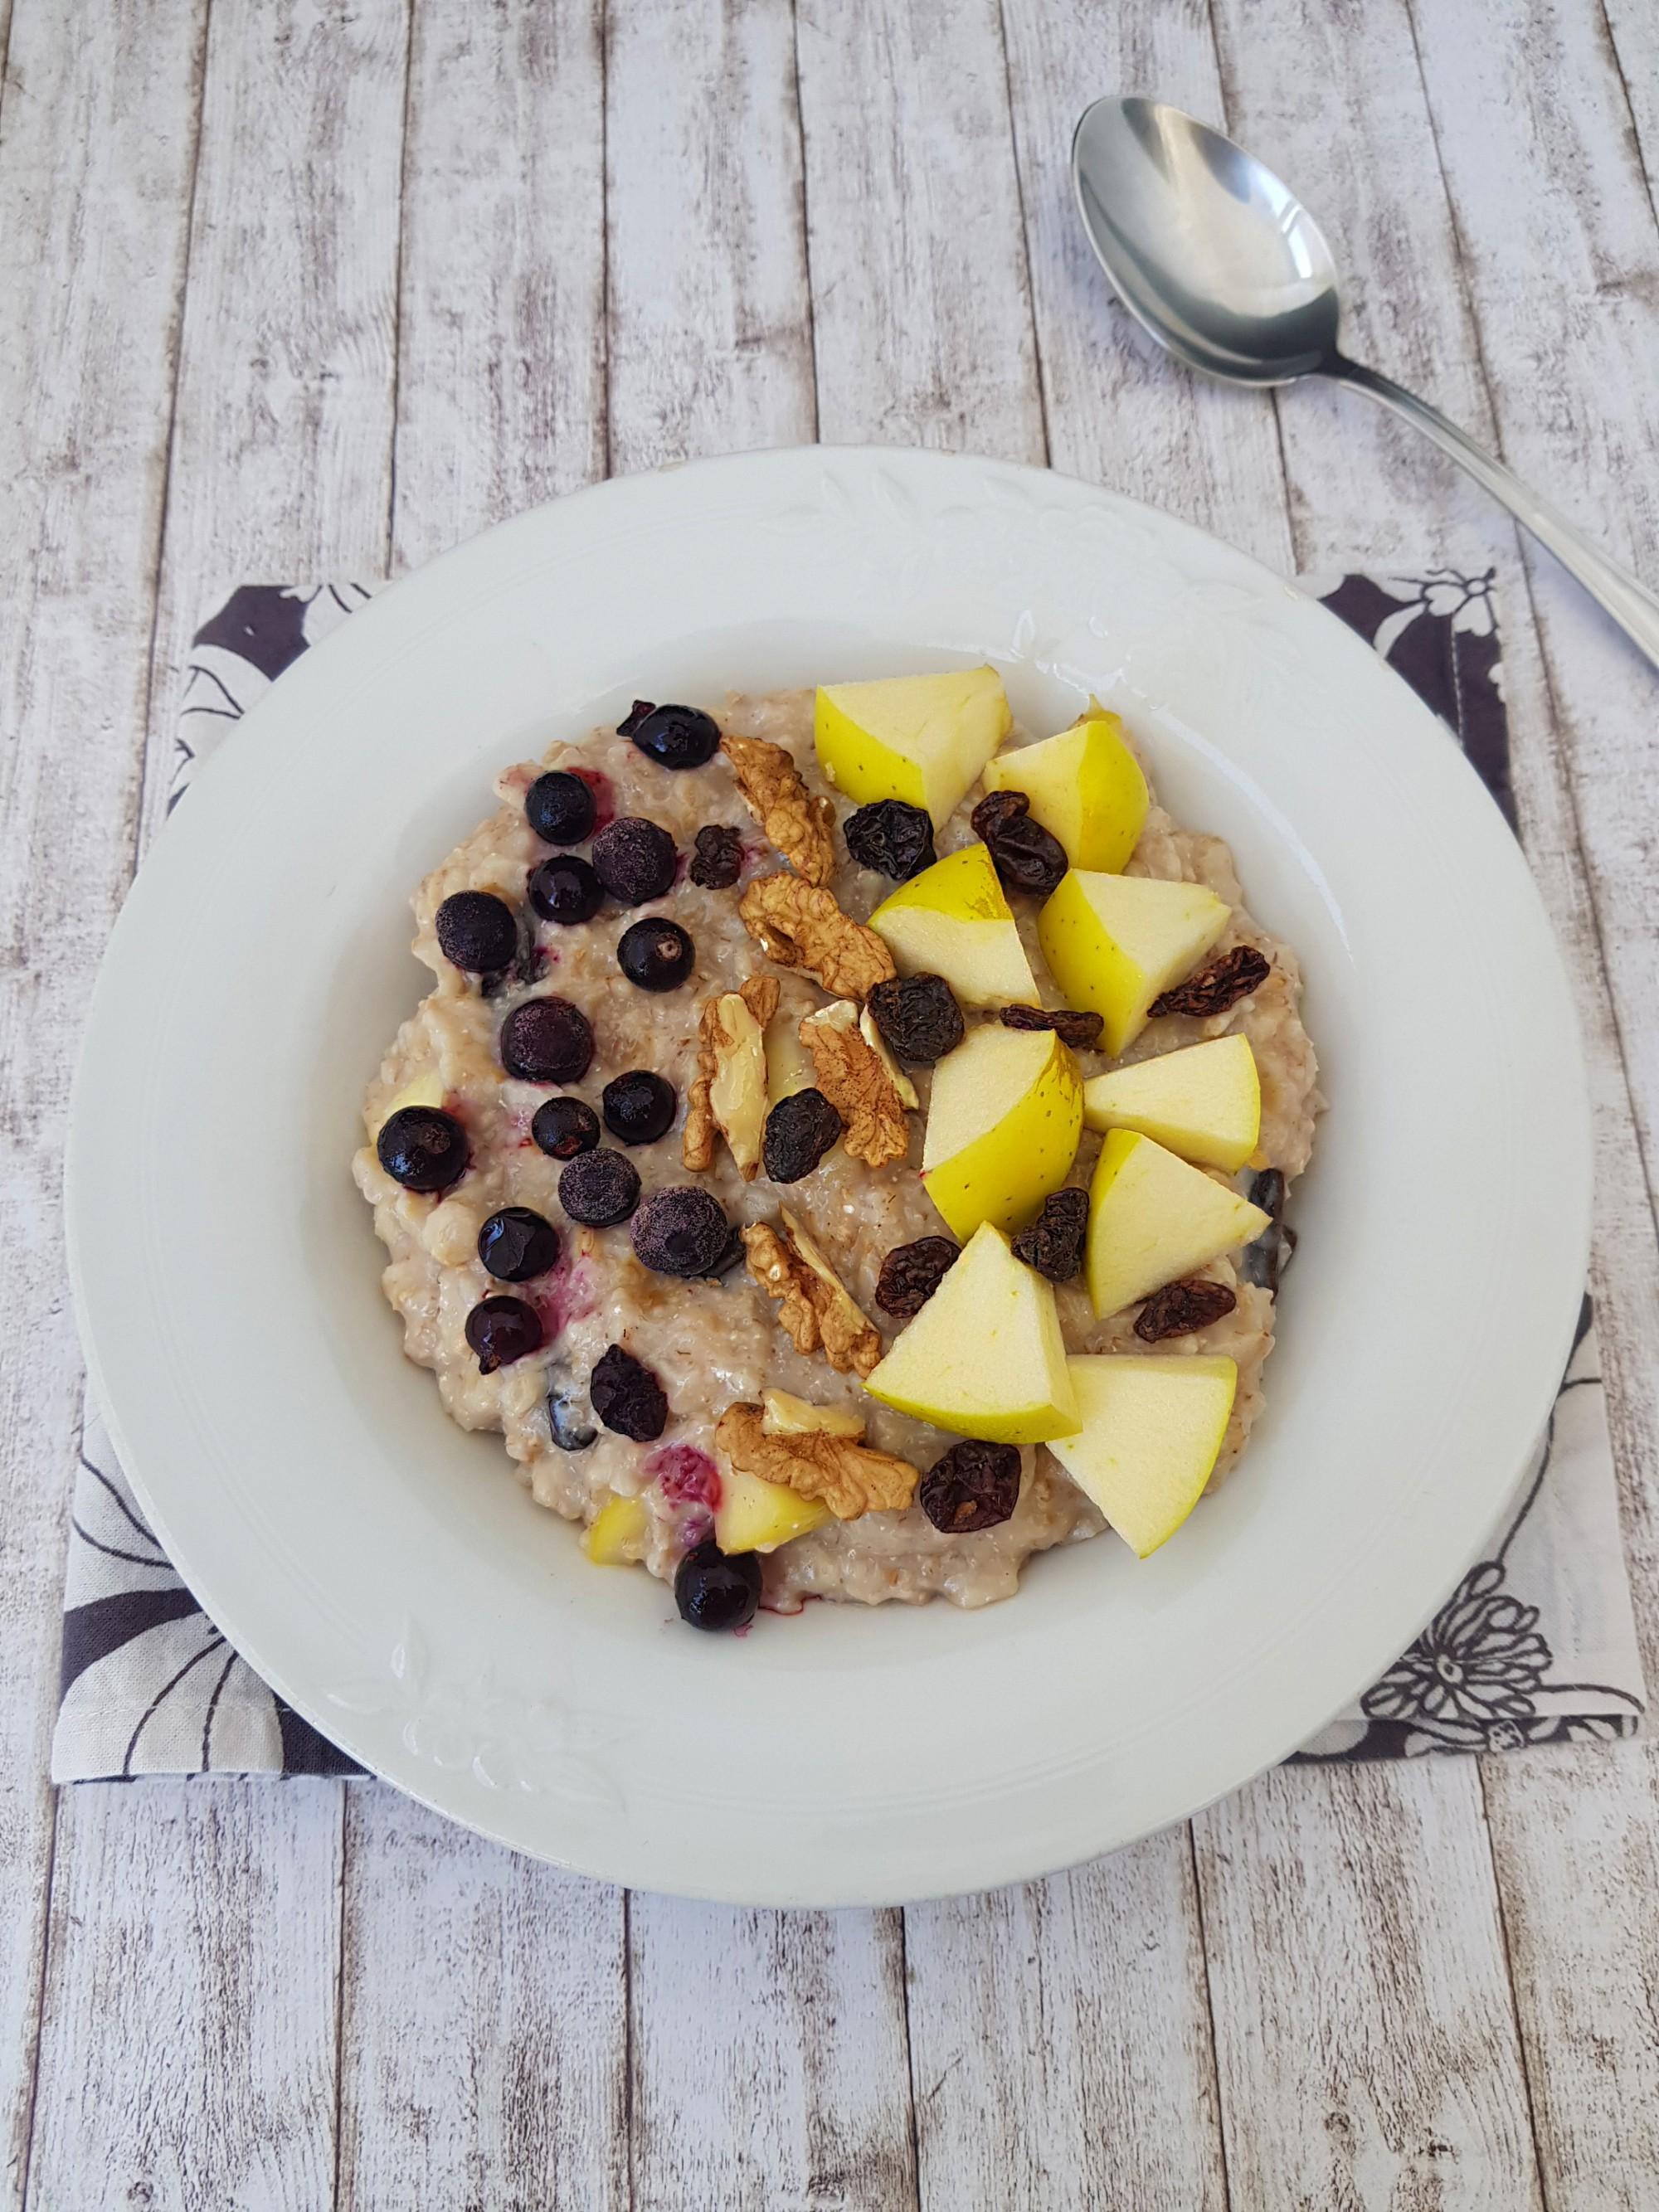 terci de ovaz cu mere, stafide, nuca - foodieopedia